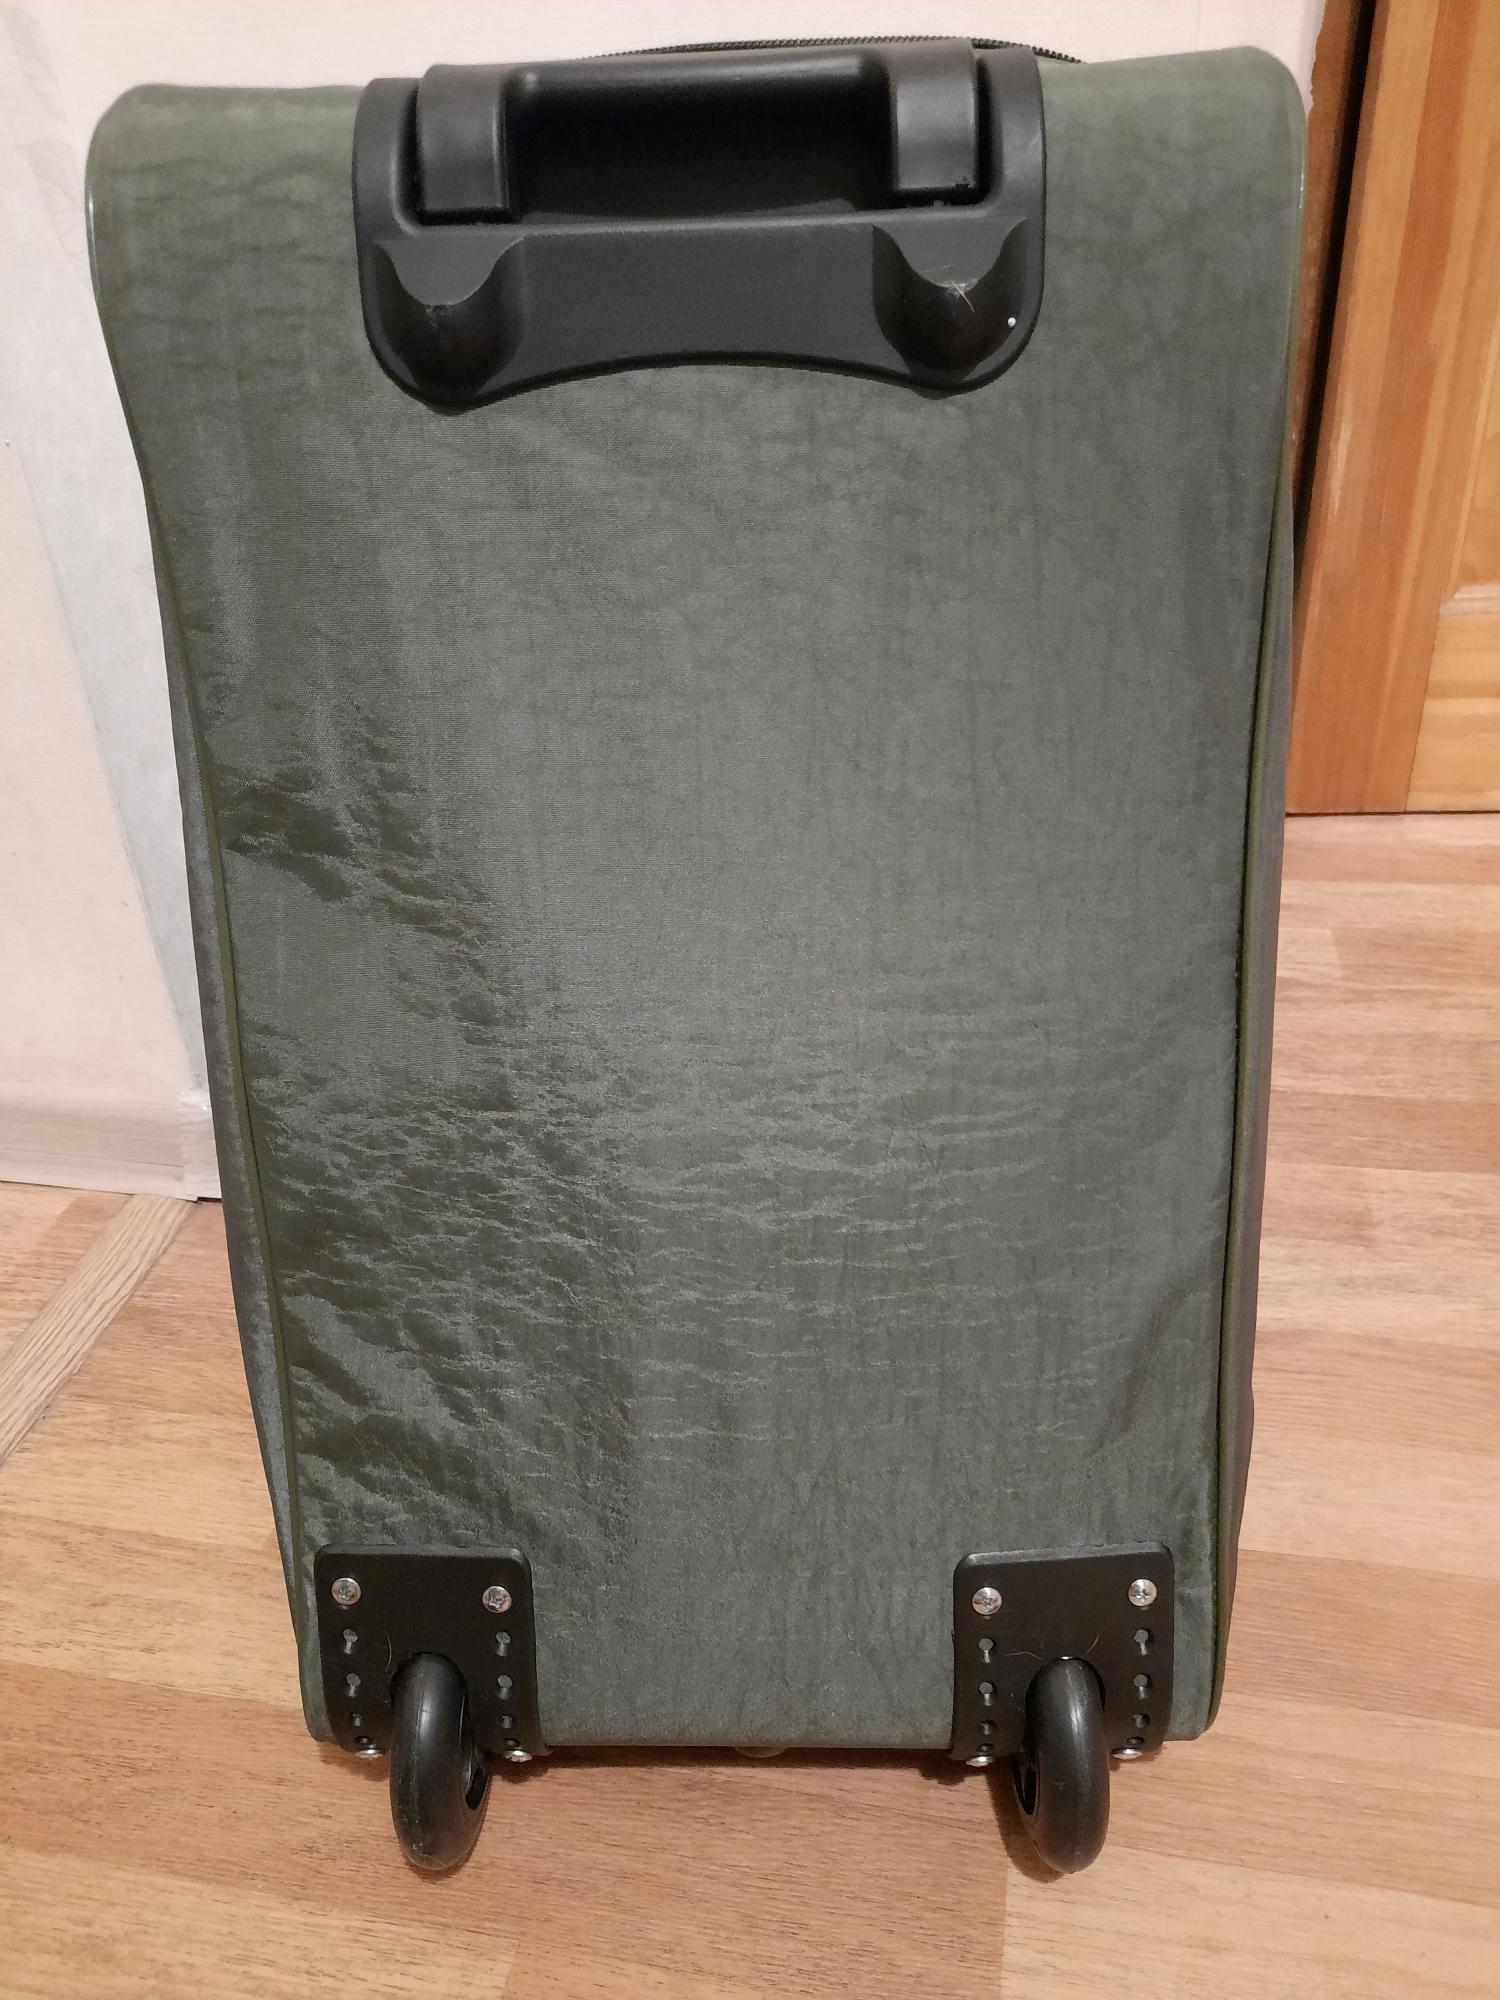 НОВАЯ дорожная сумка на колесах в Москве 89160314195 купить 4